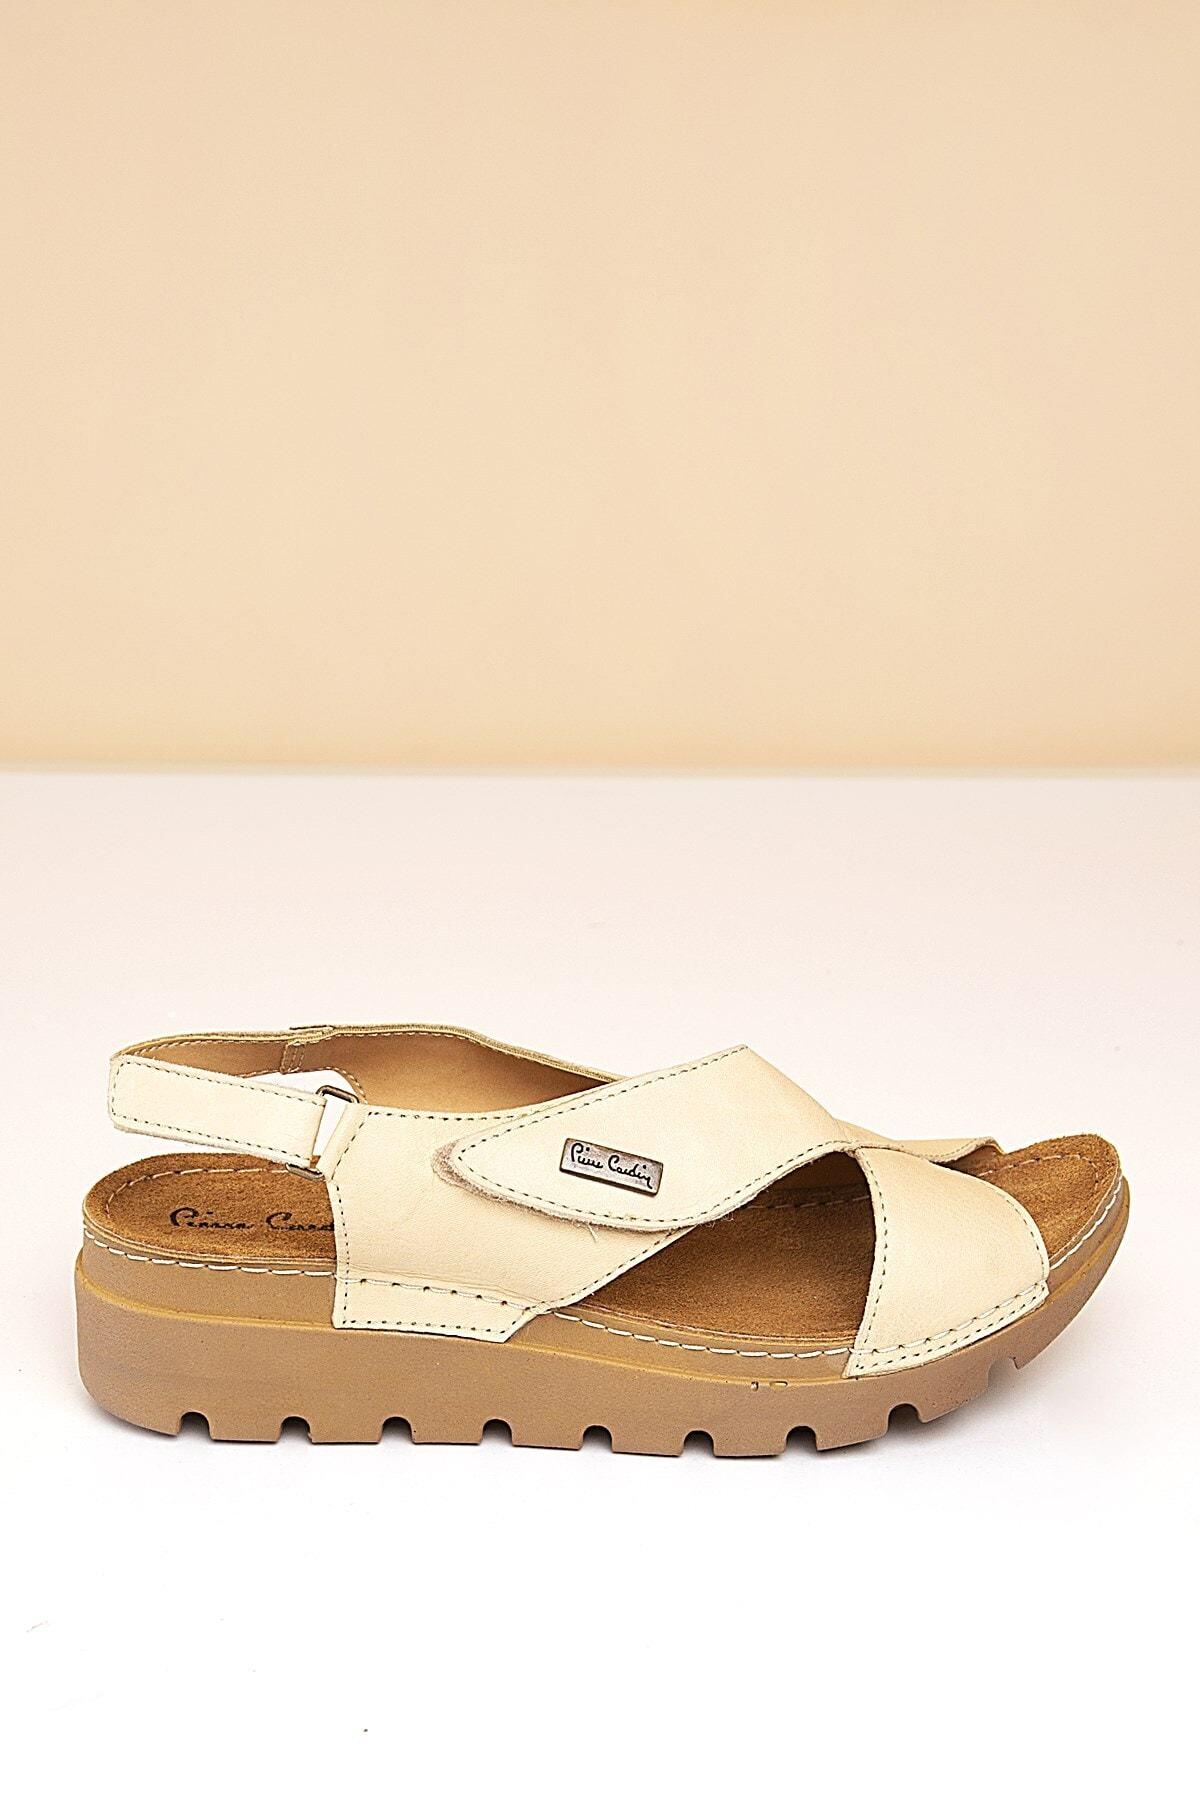 Pierre Cardin PC-1378 Bej Kadın Sandalet 2